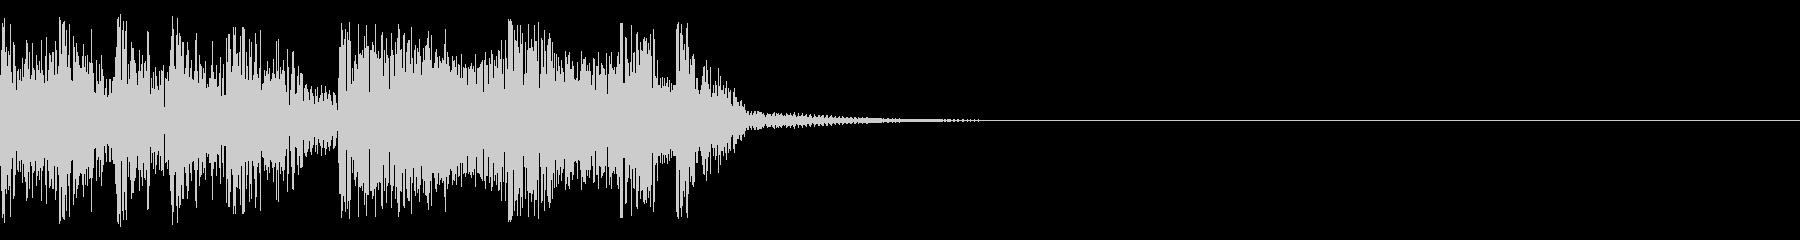 突然の終わりの未再生の波形